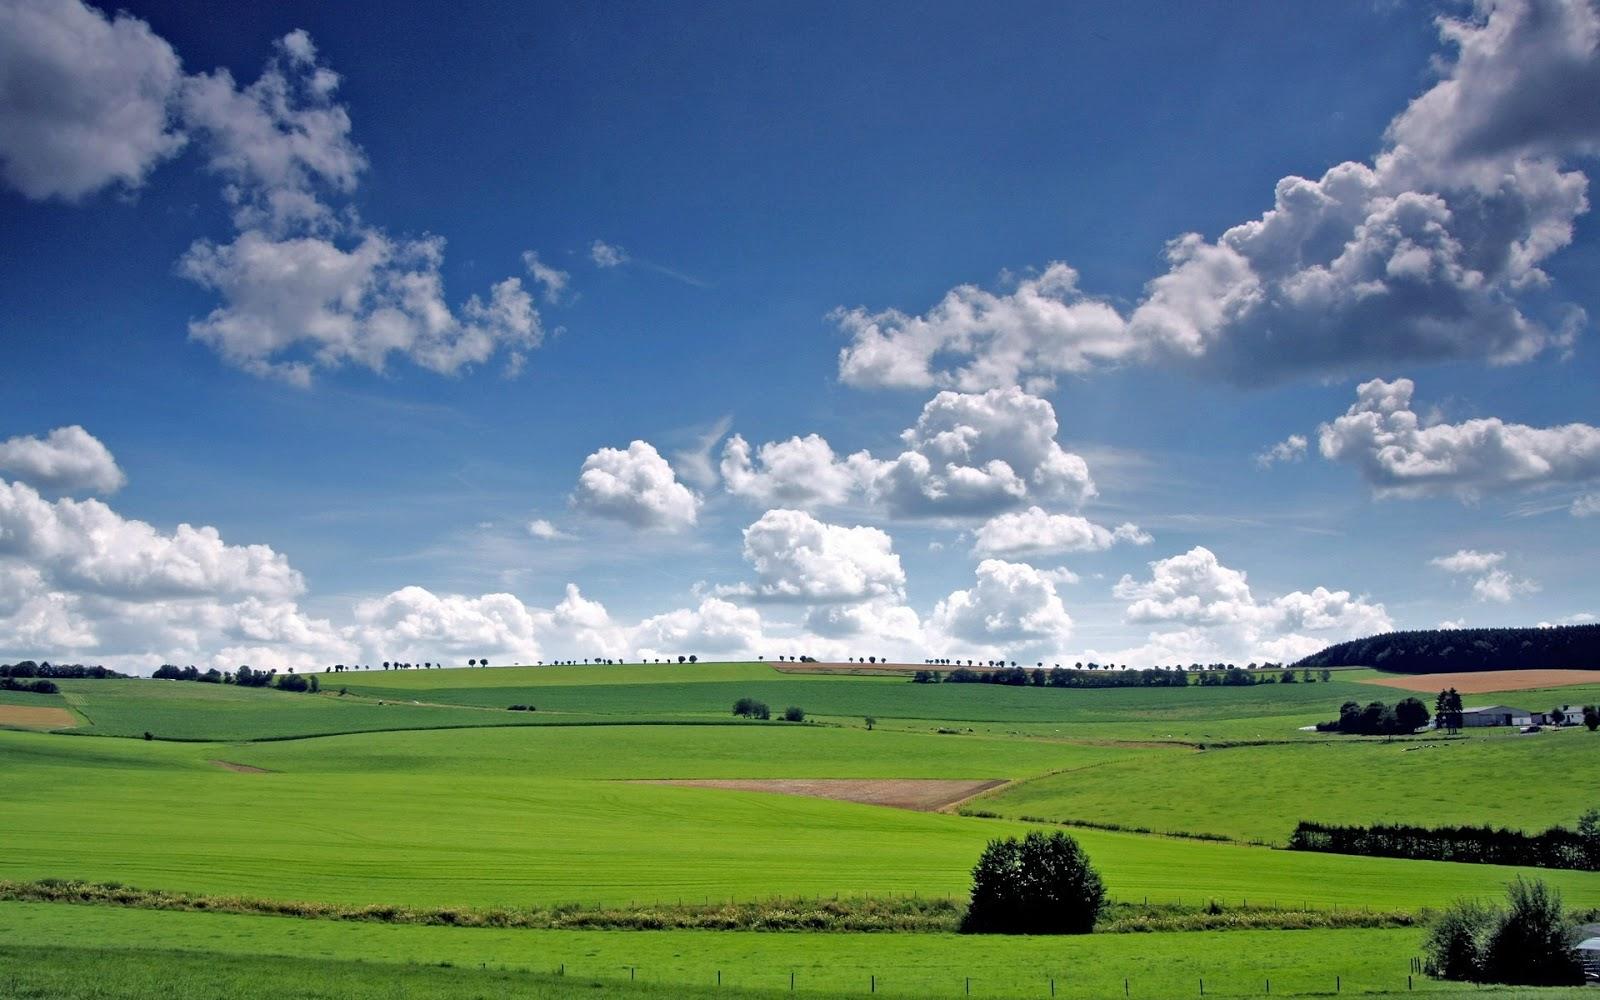 Grass Field Wallpapers